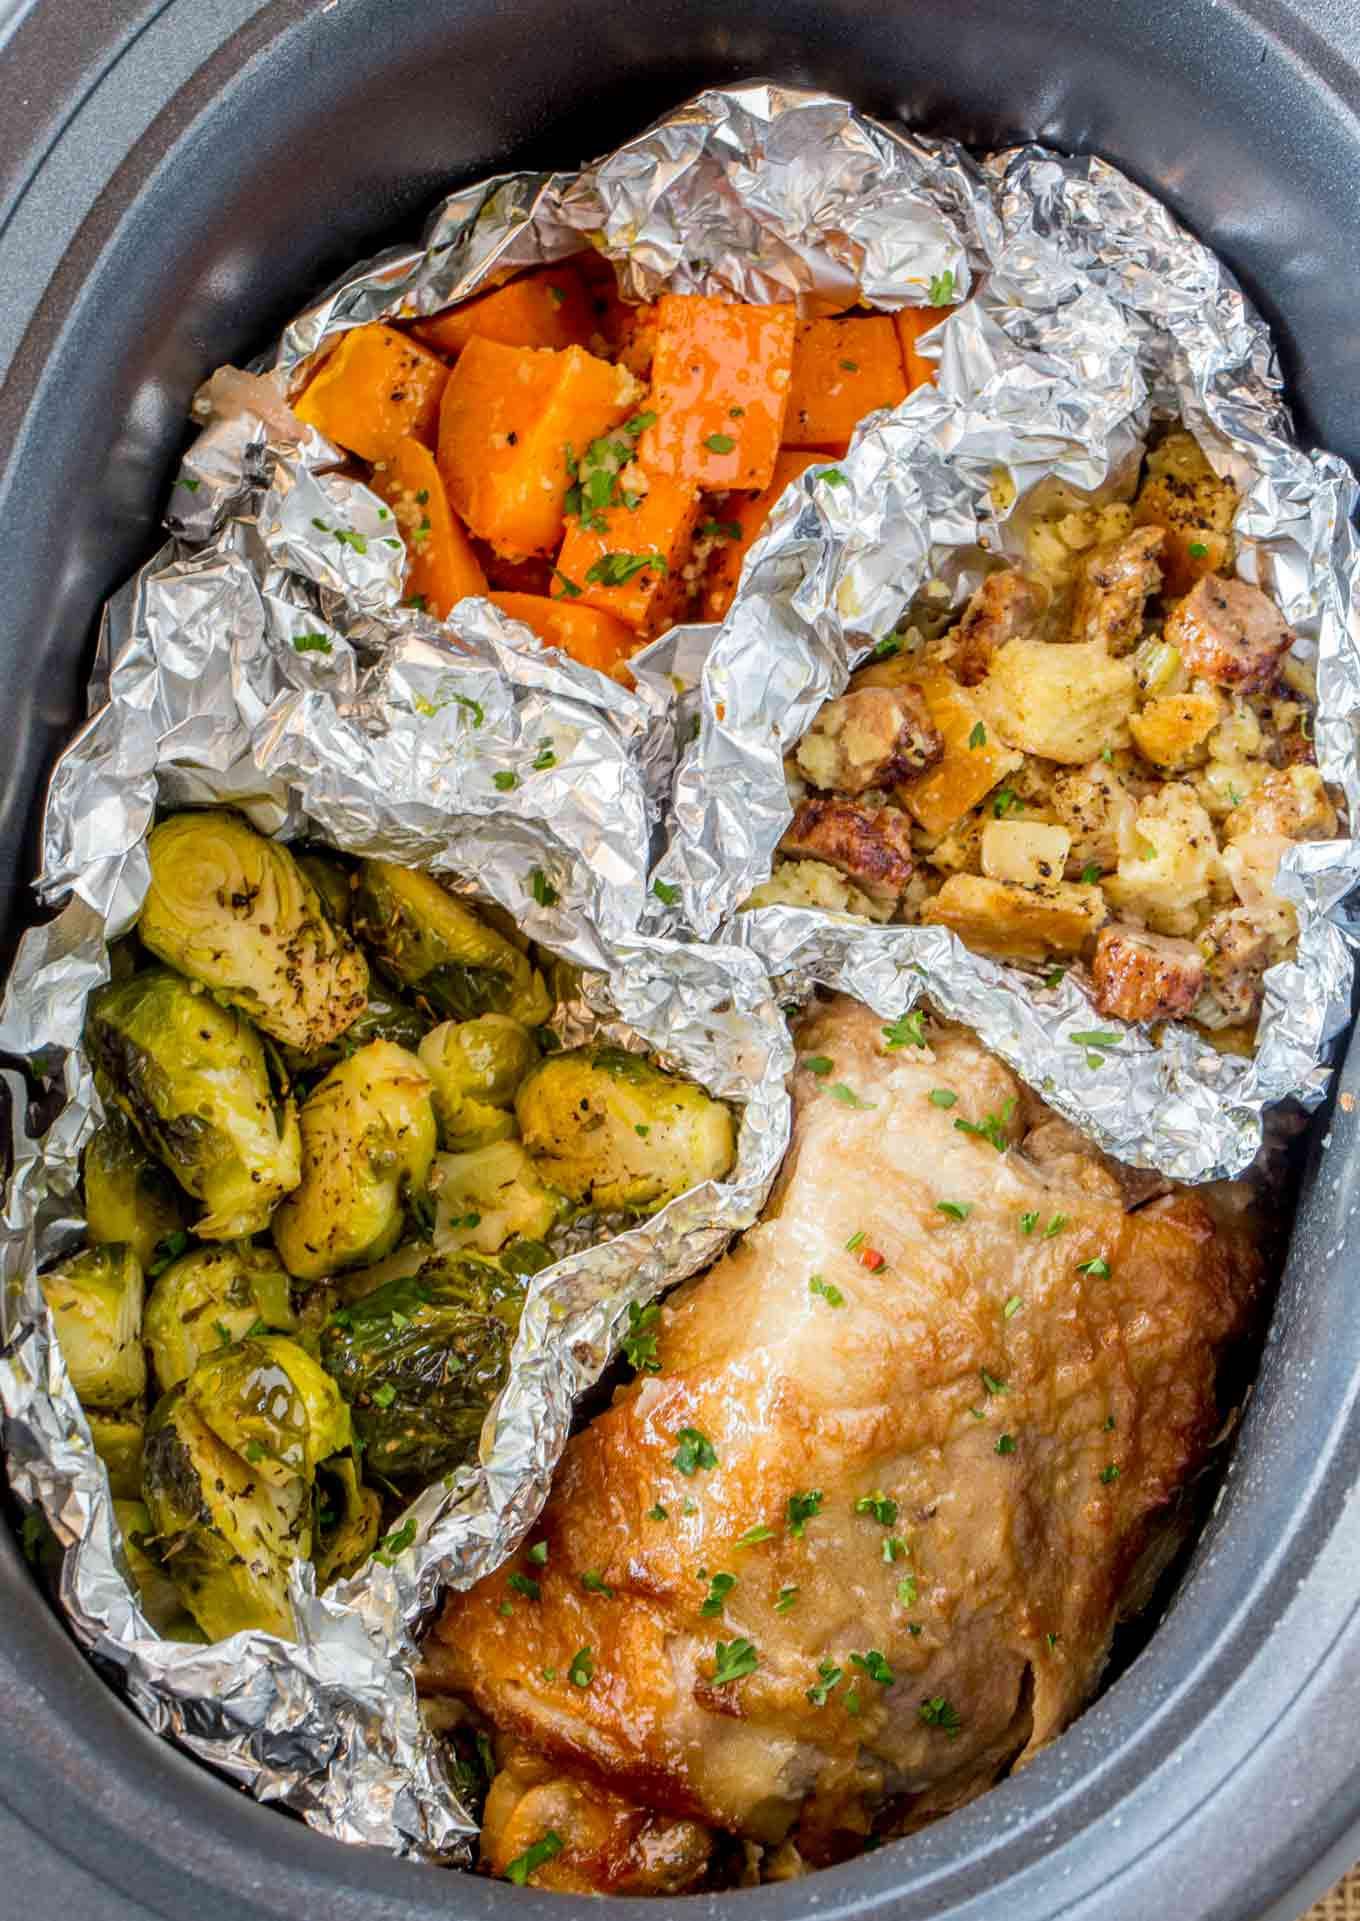 Thanksgiving Turkey For Two  Slow Cooker Thanksgiving Dinner for 2 Dinner then